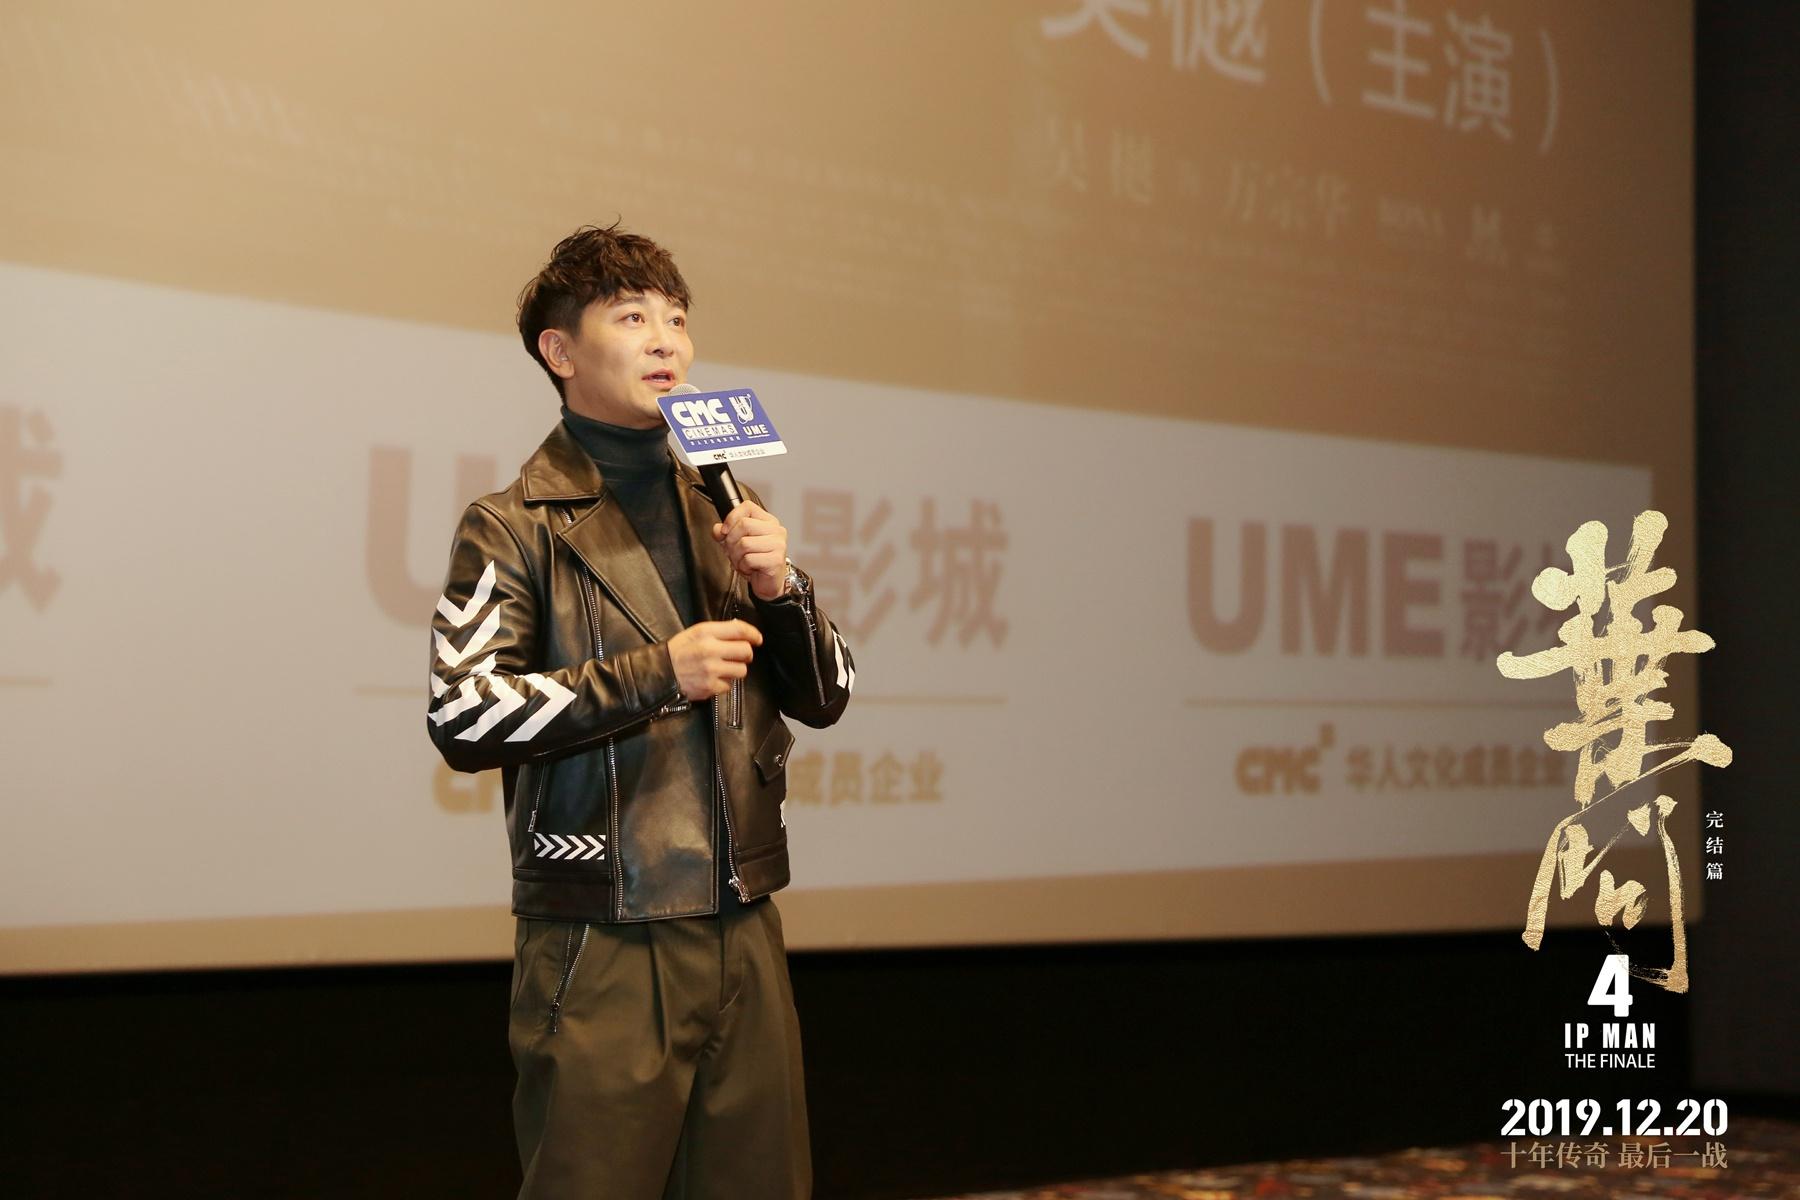 《叶问4》票房达4.85亿 咏春战太极获赞,吴樾献唱推广曲《名扬》